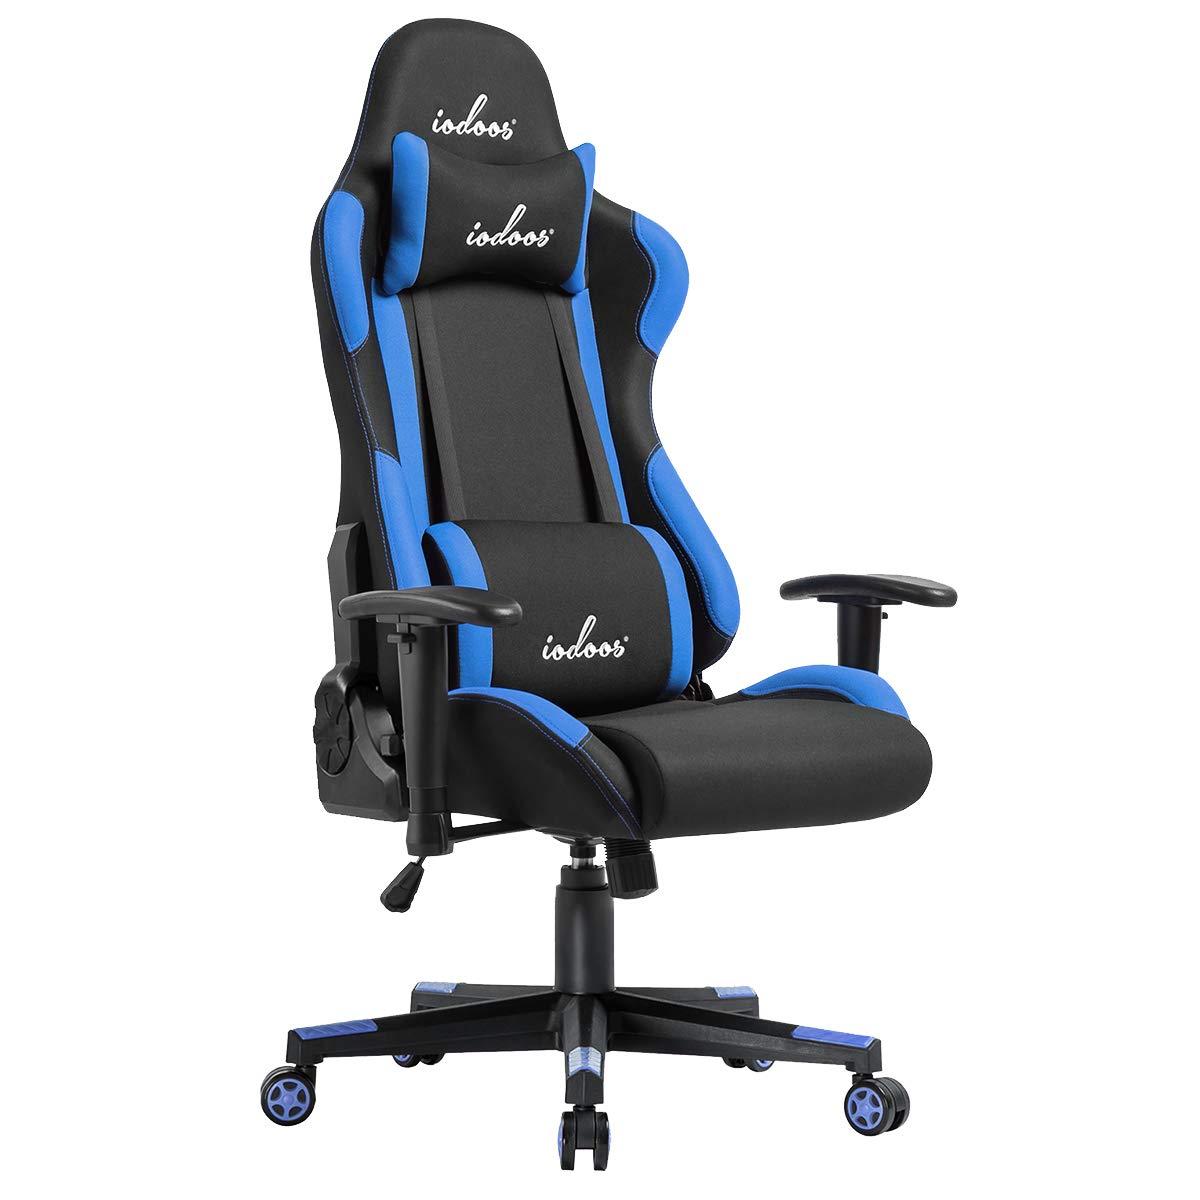 IODOOS ゲーミングチェア gaming chair オフィスチェア パソコンチェア 180度リクライニング ランバーサポート付き 耐荷重120kg 肘掛付き 通気性抜群 布地 (ブルー)01BAA